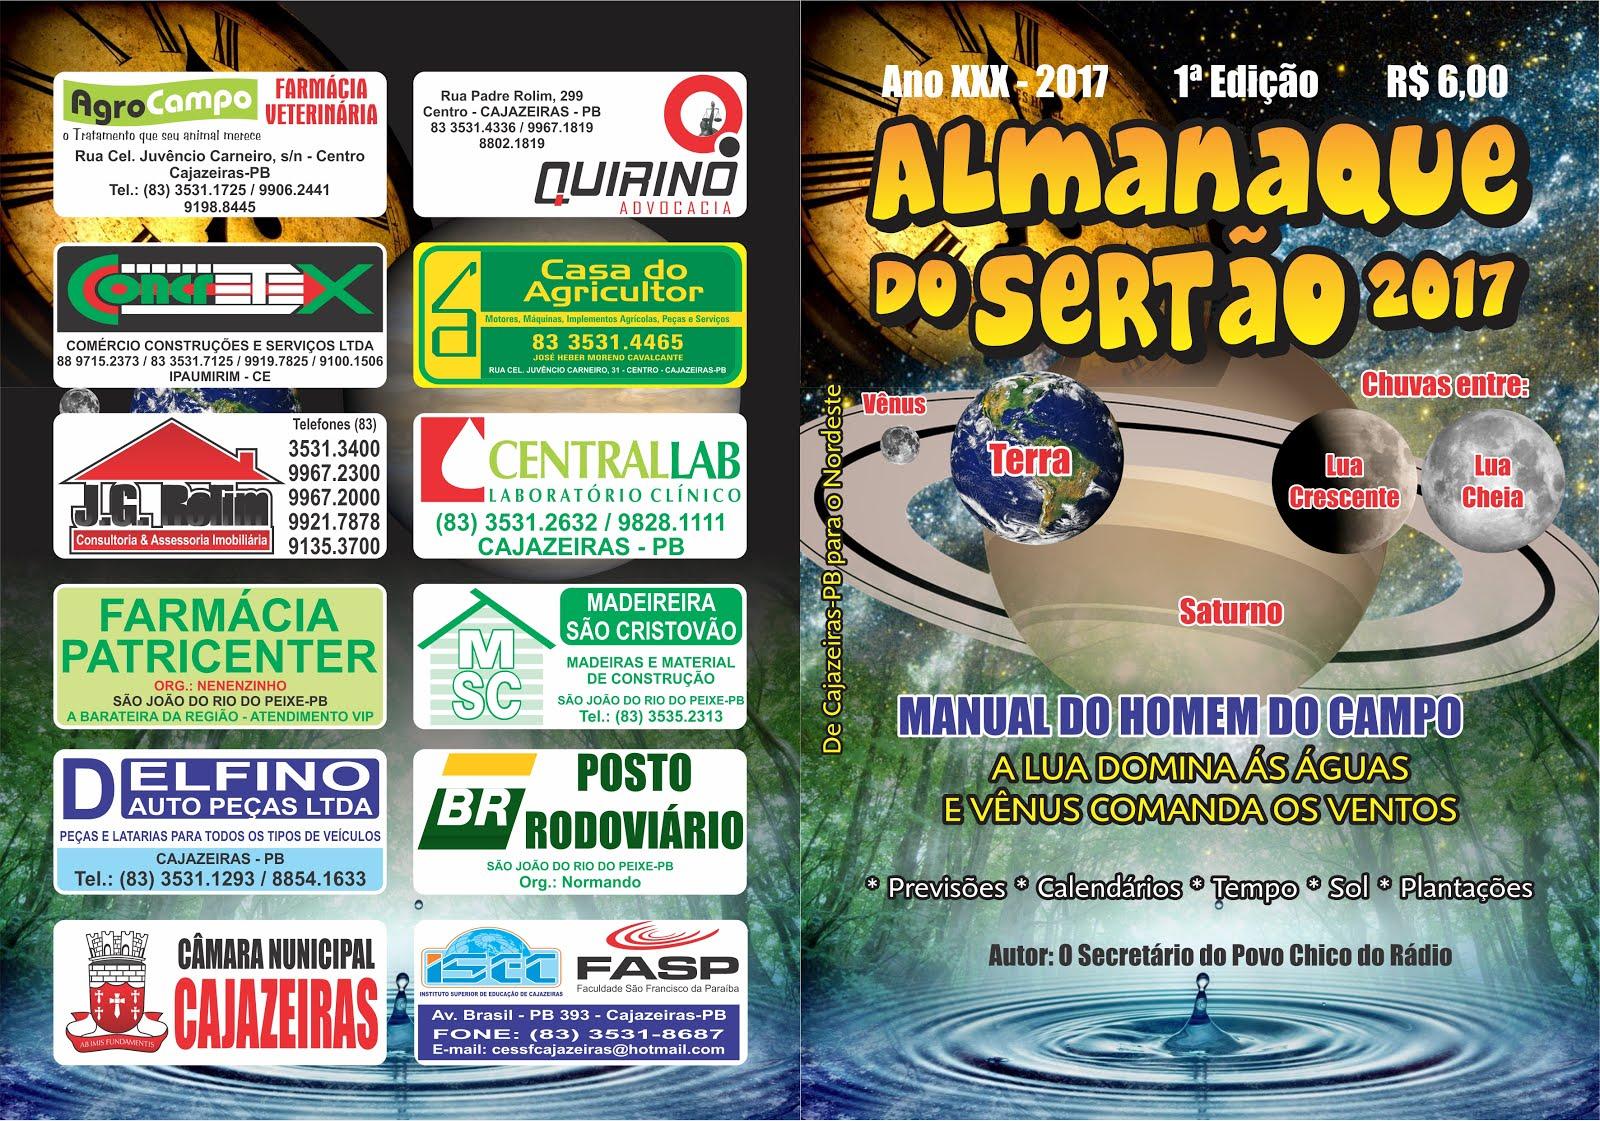 O MANUAL DO HOMEM DO CAMPO  LIVRO DE PREVISÃO DO TEMPO